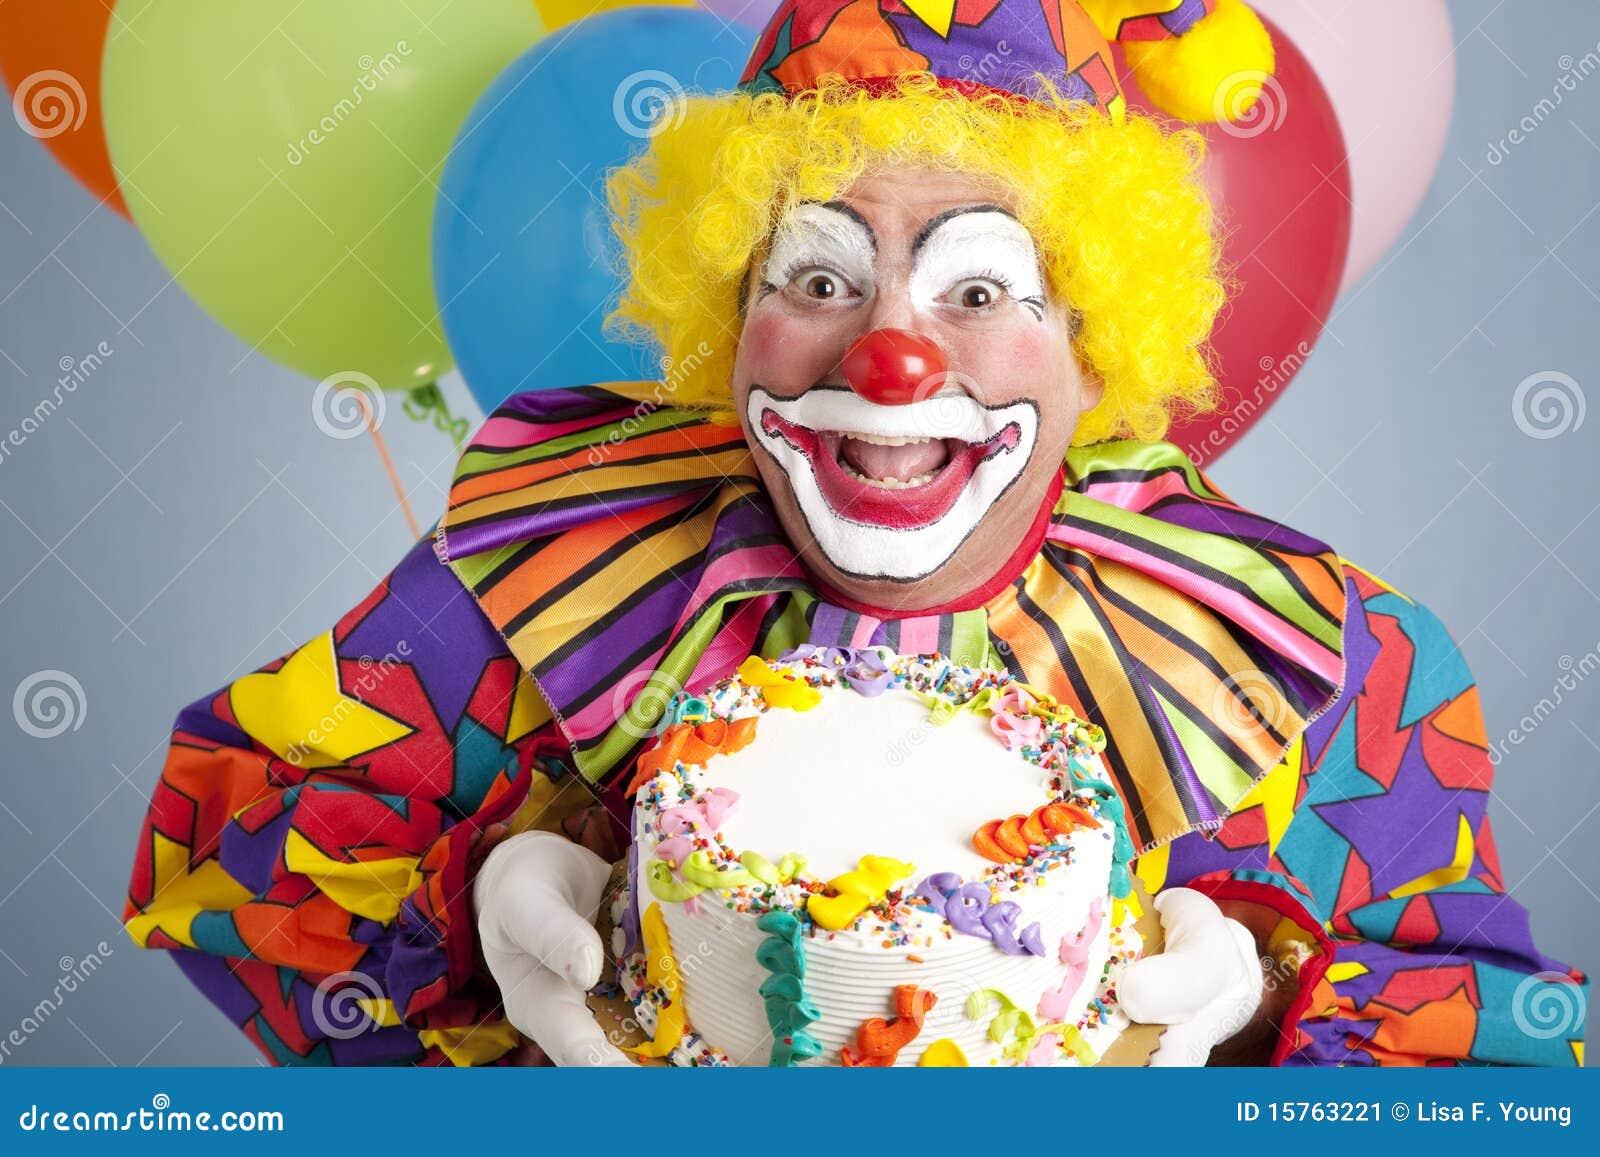 clown d 39 anniversaire avec le g teau blanc image stock image 15763221. Black Bedroom Furniture Sets. Home Design Ideas